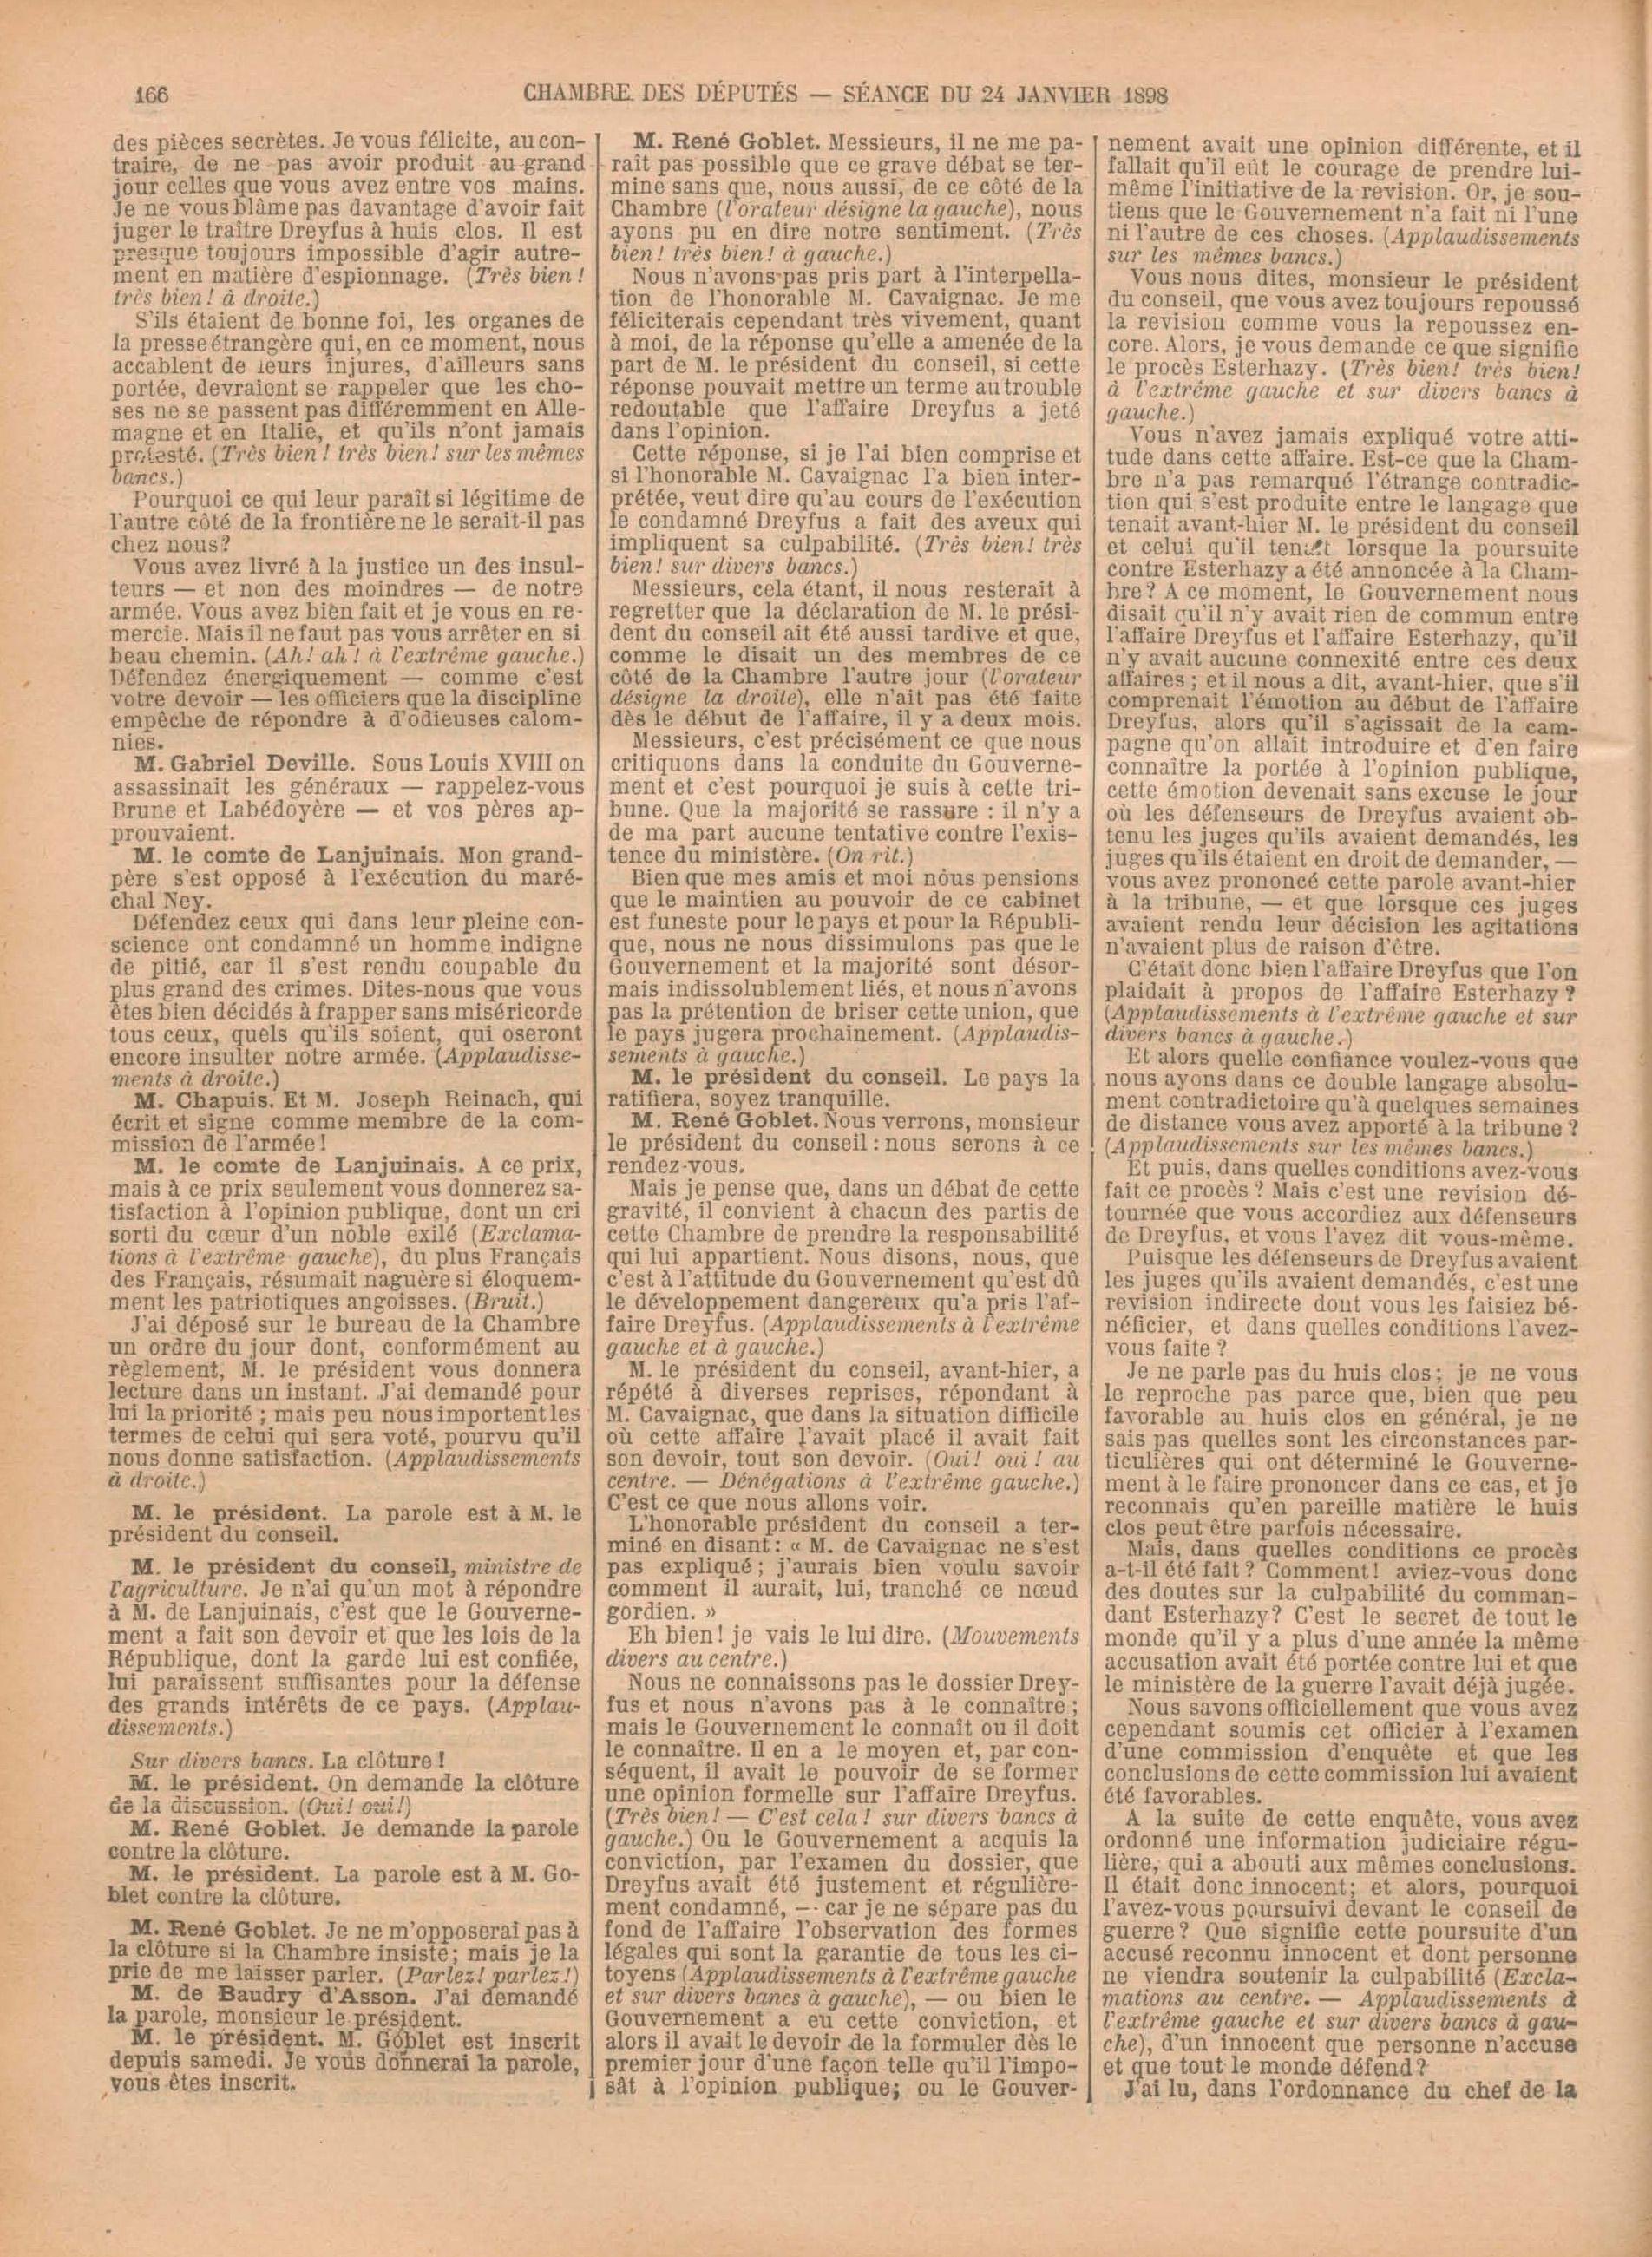 http://expo-paulviollet.univ-paris1.fr/wp-content/uploads/2017/09/Journal_officiel_de_la_République_séance-du-lundi-24-janvier-1898_Page_06.jpg